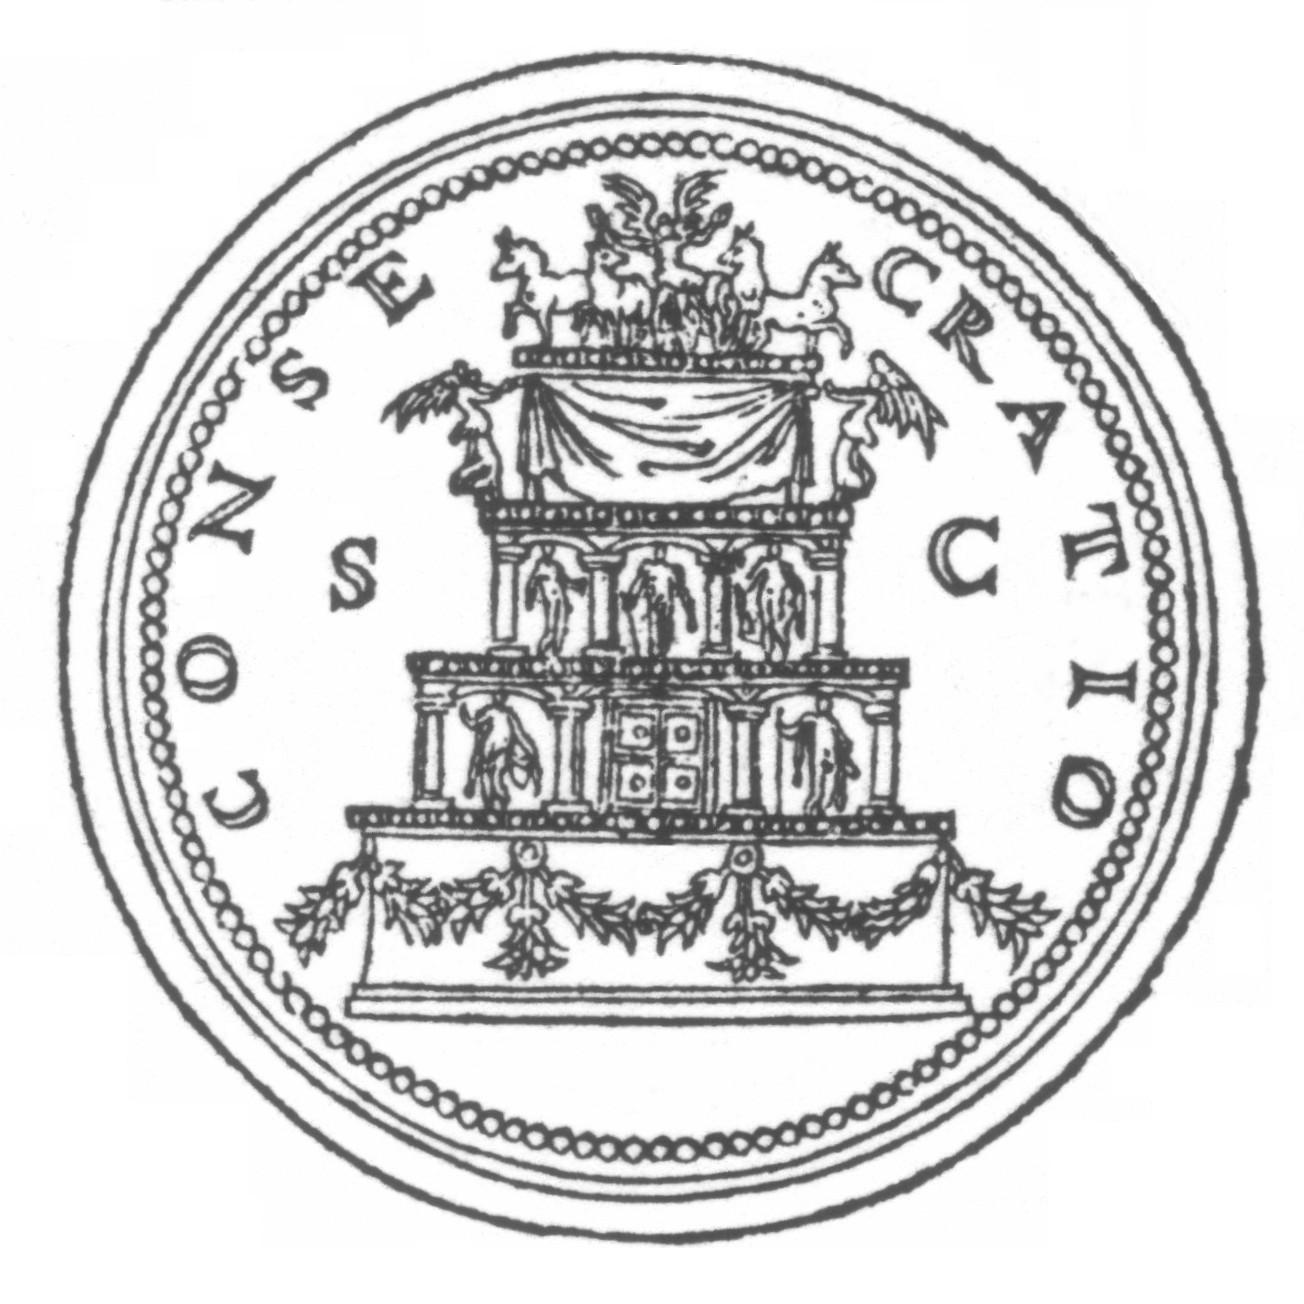 Gravure n°1 - Revers d'un sesterce sur lequel est gravée l'image du bûcher funéraire d'Antonin le Pieux. (Gravure du XVII° siècle).